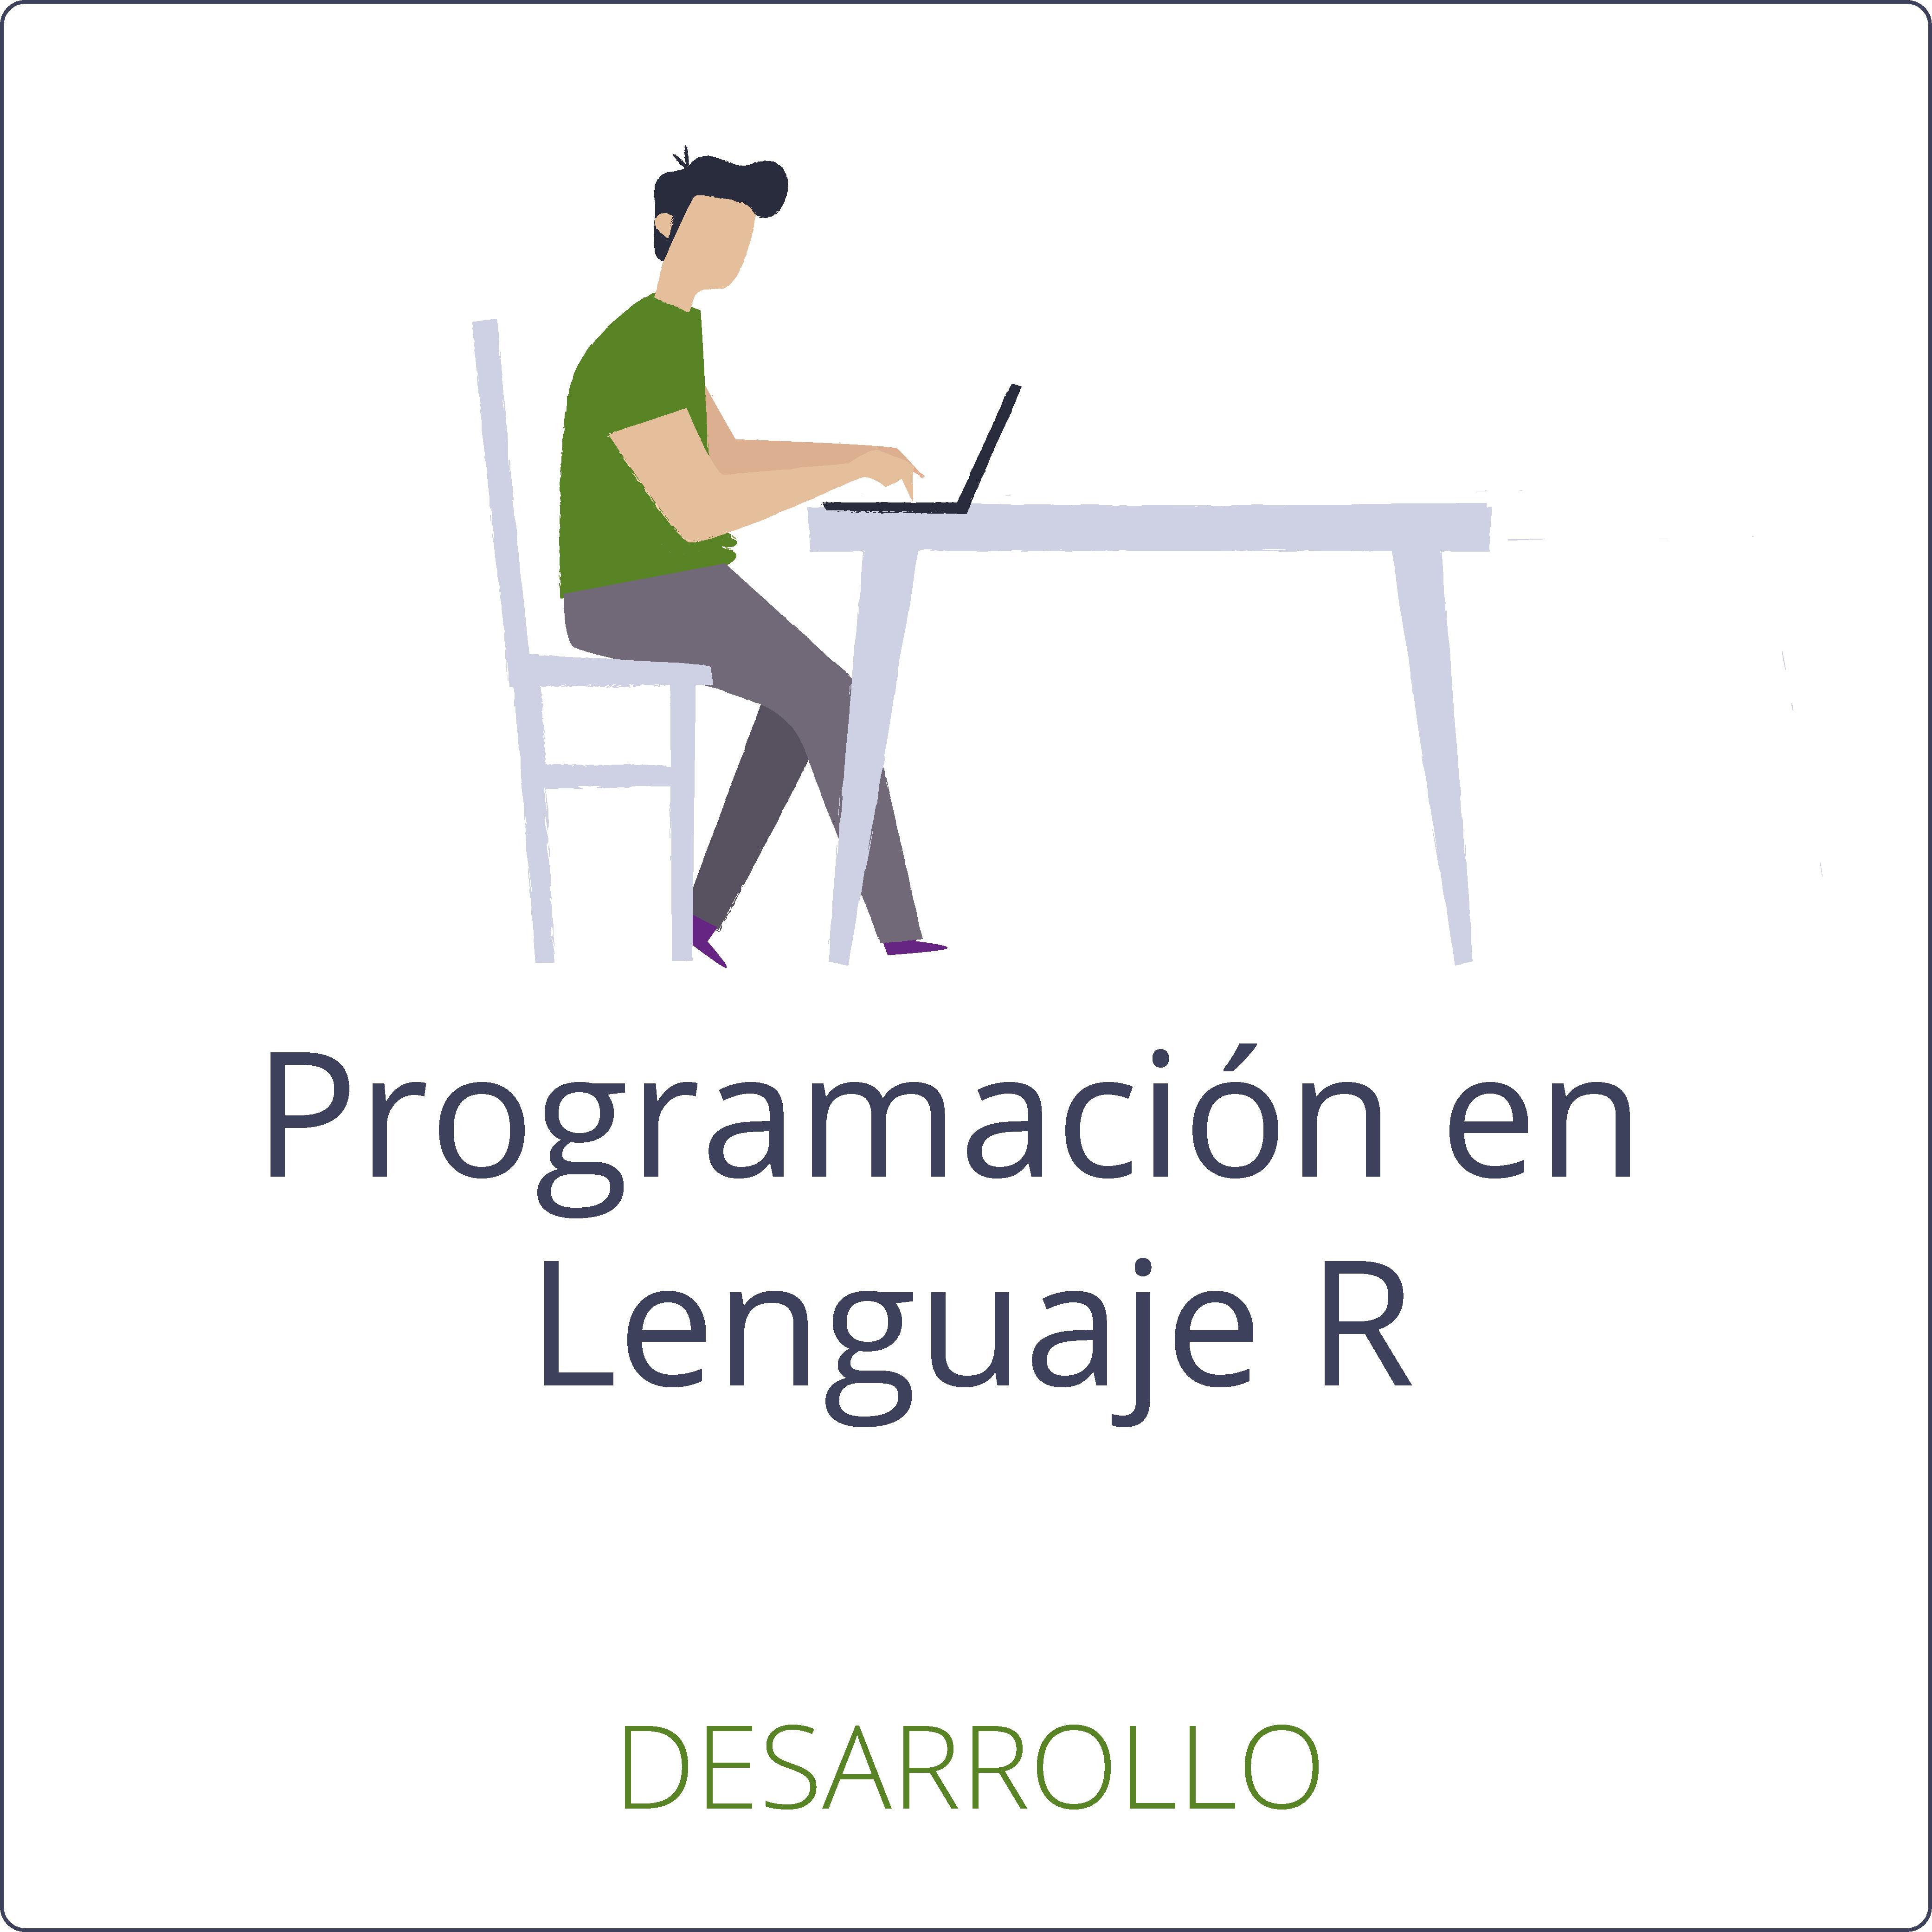 Programación en lenguaje R